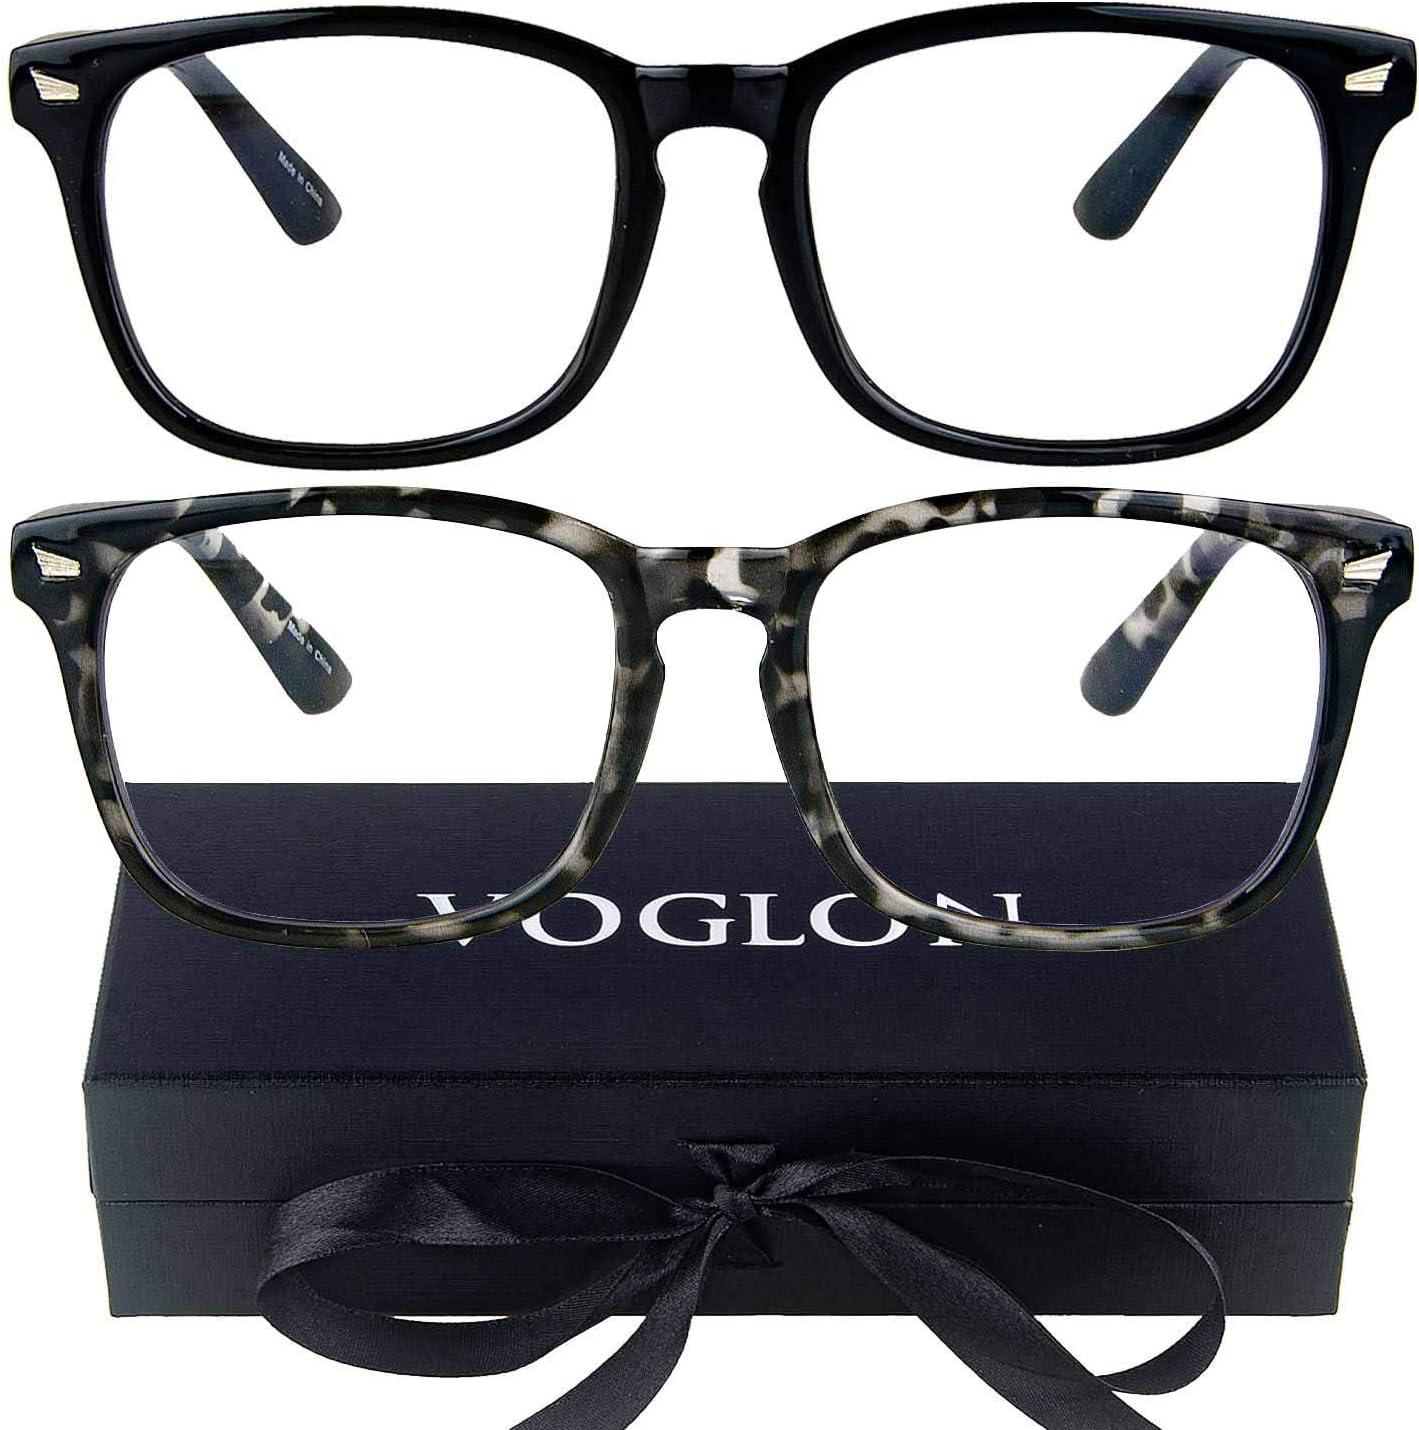 VOGLON Blue Light Blocking Glasses, Computer Screen Gaming Glasses, Gamma Ray Blocking, Oversized Round Anti Glare UV Eyestrain/Filter for Women Men Small Face (2 Pack) Black + Tortoise